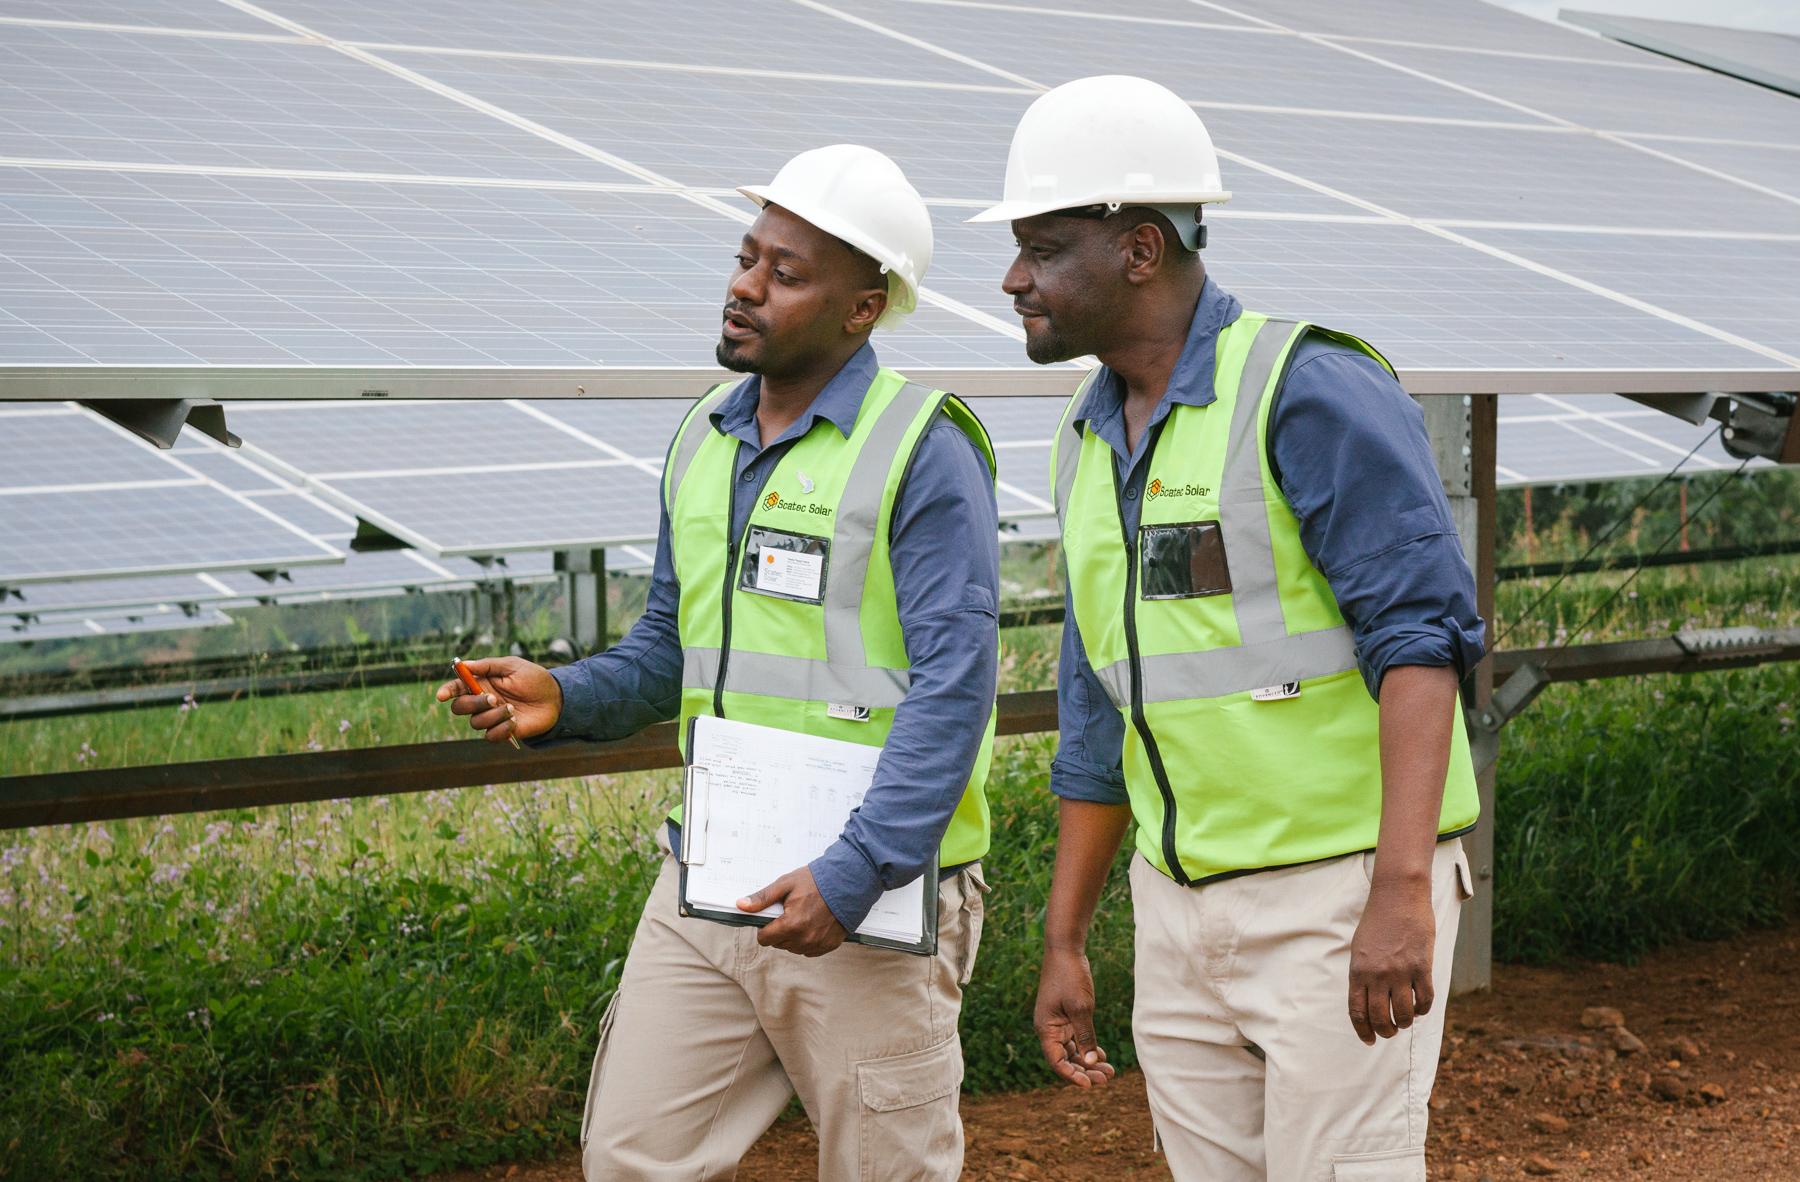 Deux ouvriers au travail avançant le long de panneaux photovoltaïques (Power Africa)